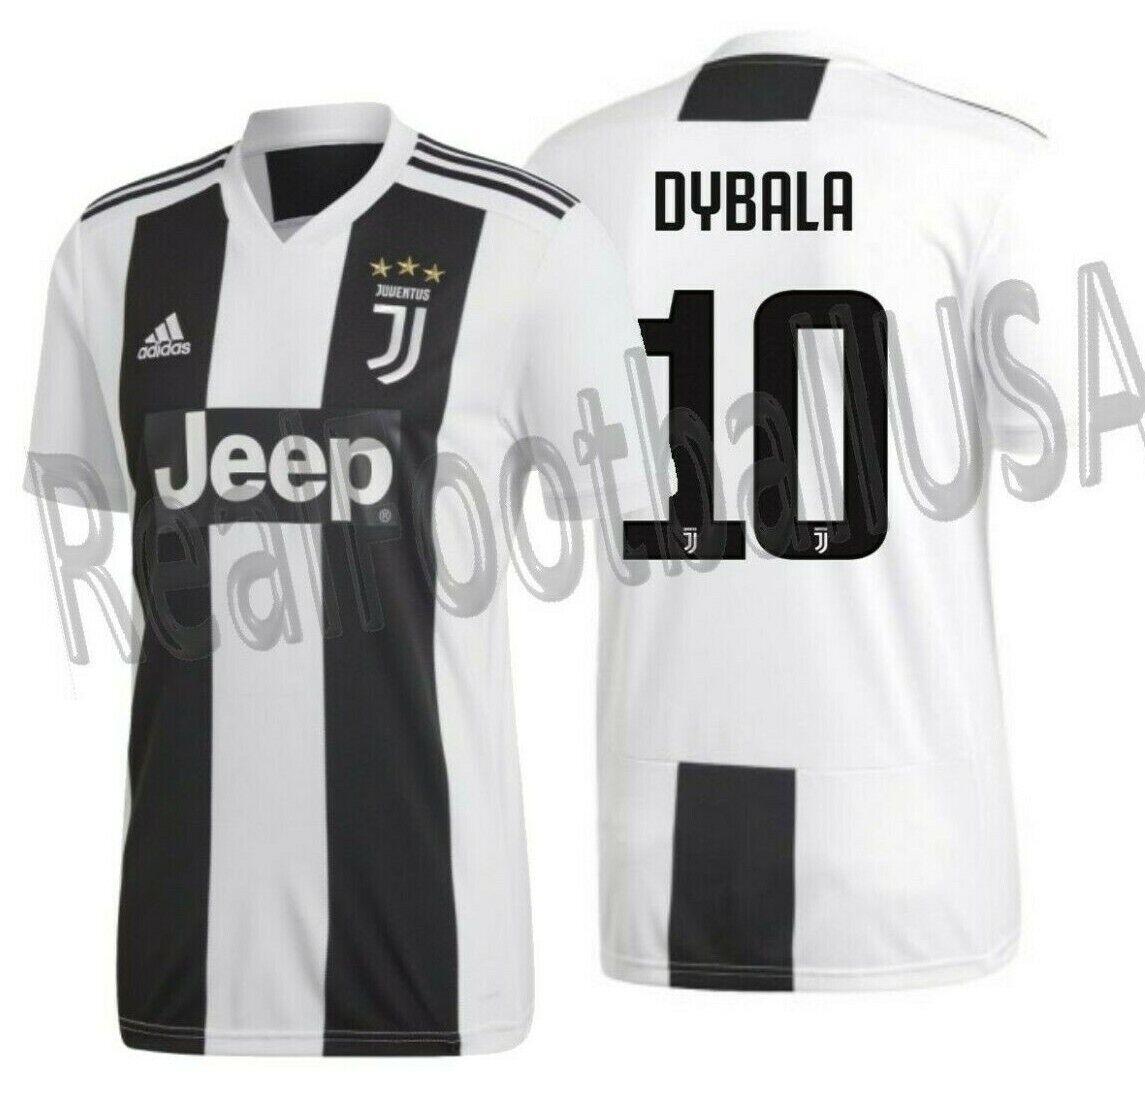 Adidas Paulo Dybala Juventus Home Jersey 2018 19